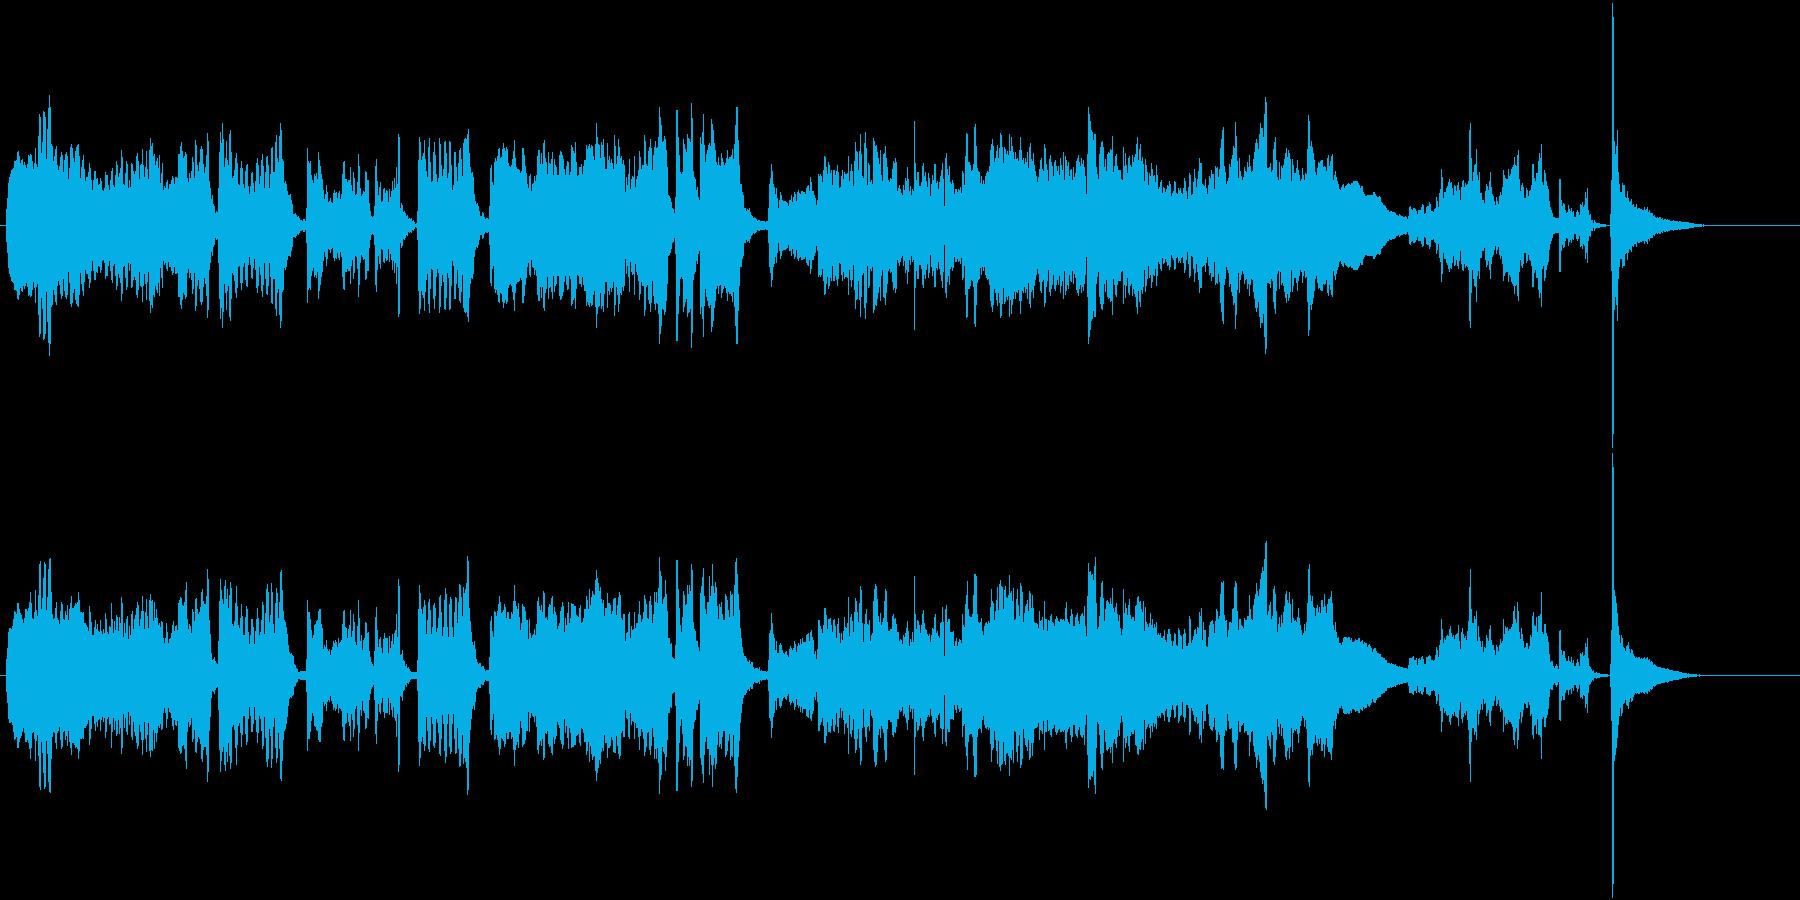 ツィゴイネルワイゼン冒頭/生演奏Vn独奏の再生済みの波形